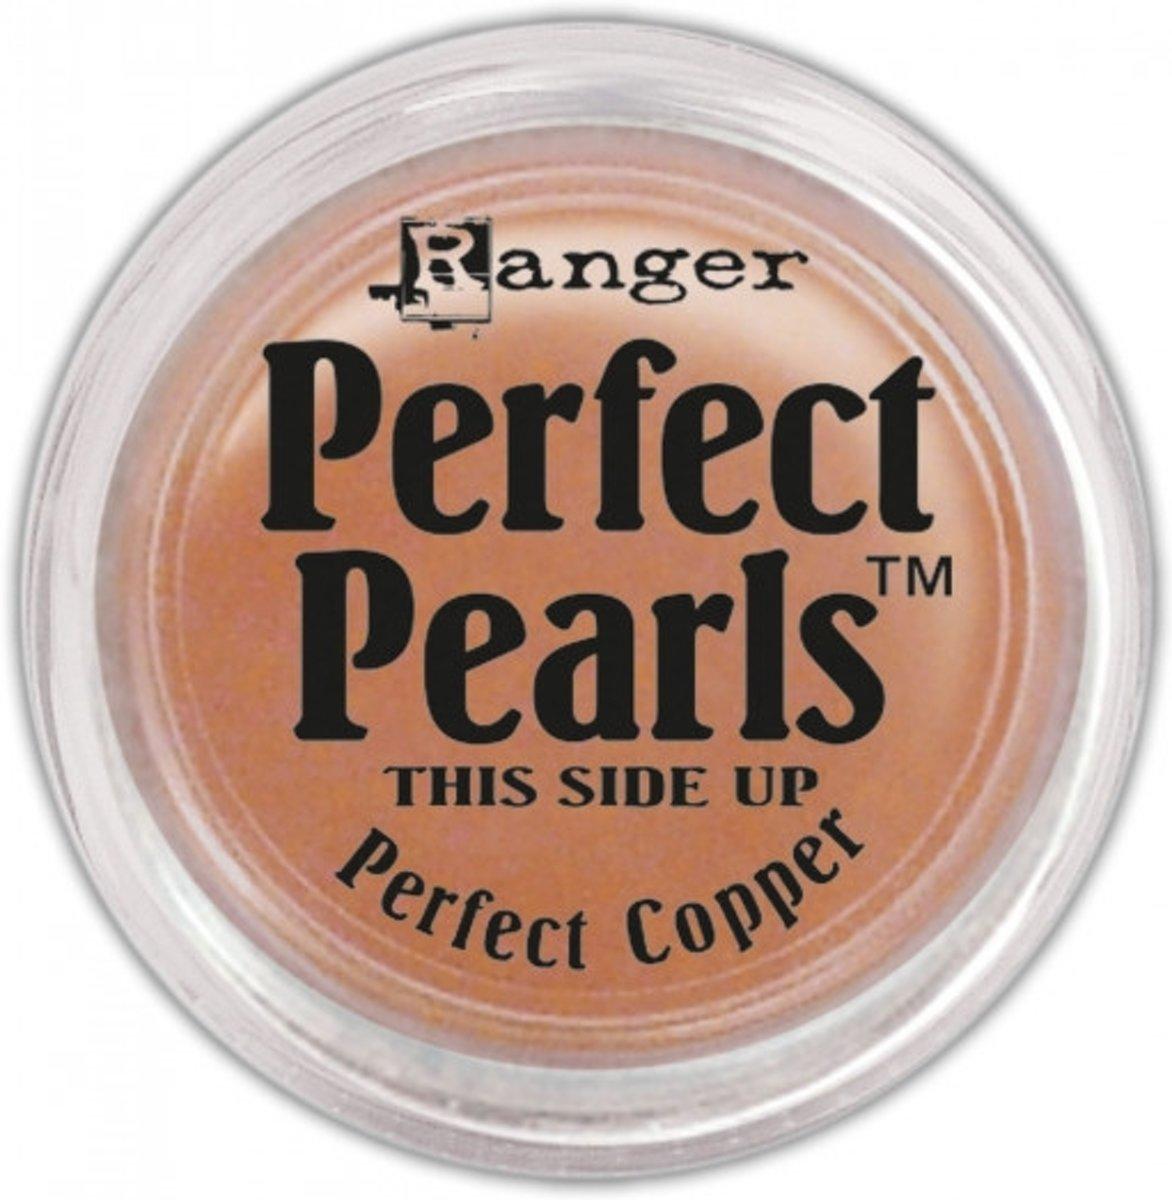 Afbeelding van product Pigment jars perfect copper